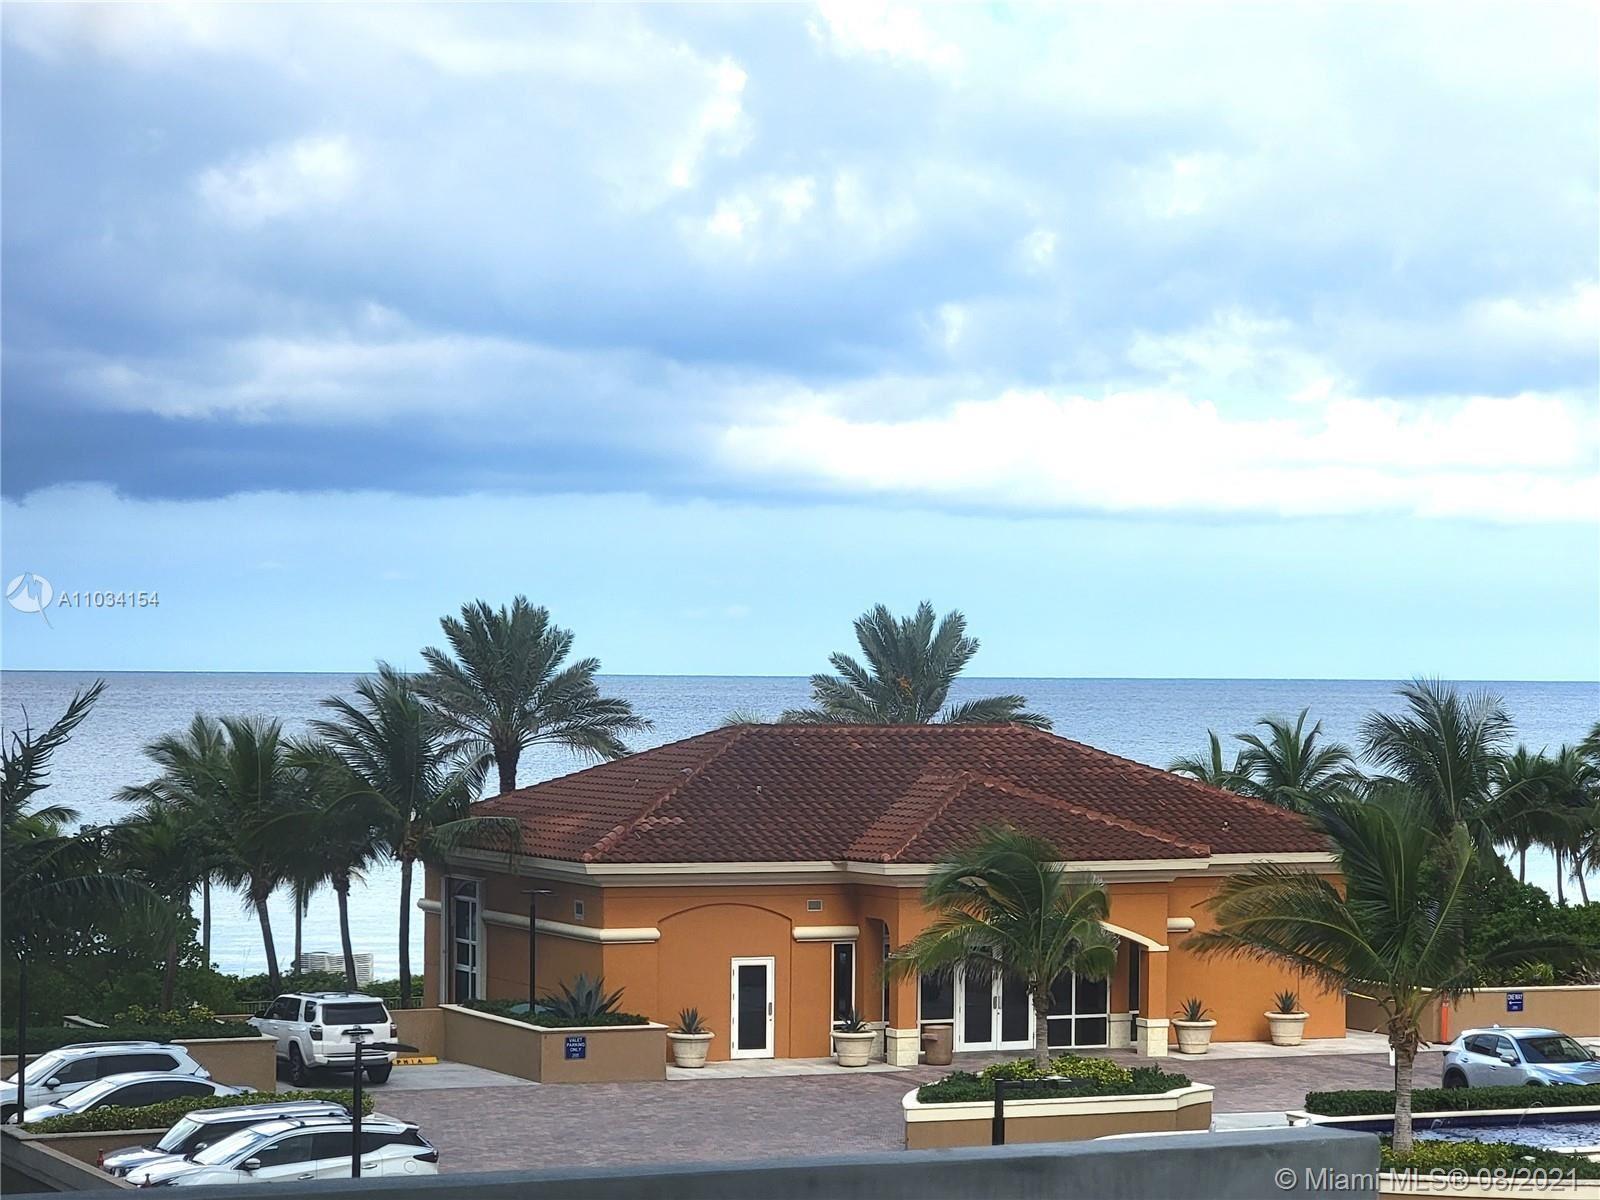 2030 S Ocean Dr #309, Hallandale Beach, FL 33009 - #: A11034154